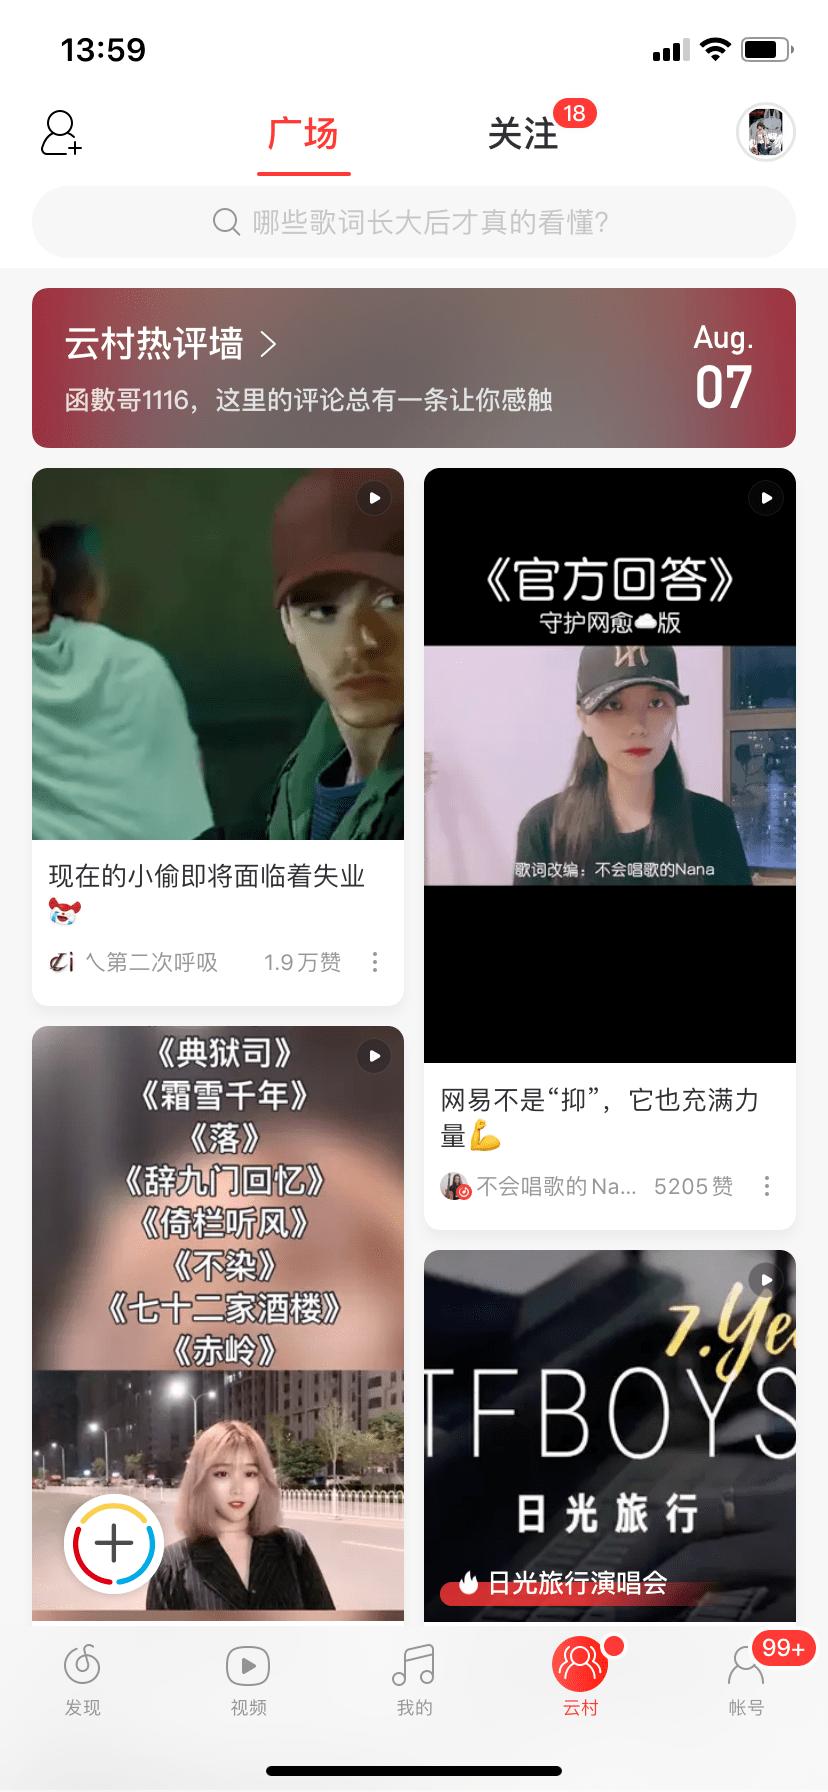 """成也社交,败也社交:网易云音乐能否撕下""""网抑云""""标签"""